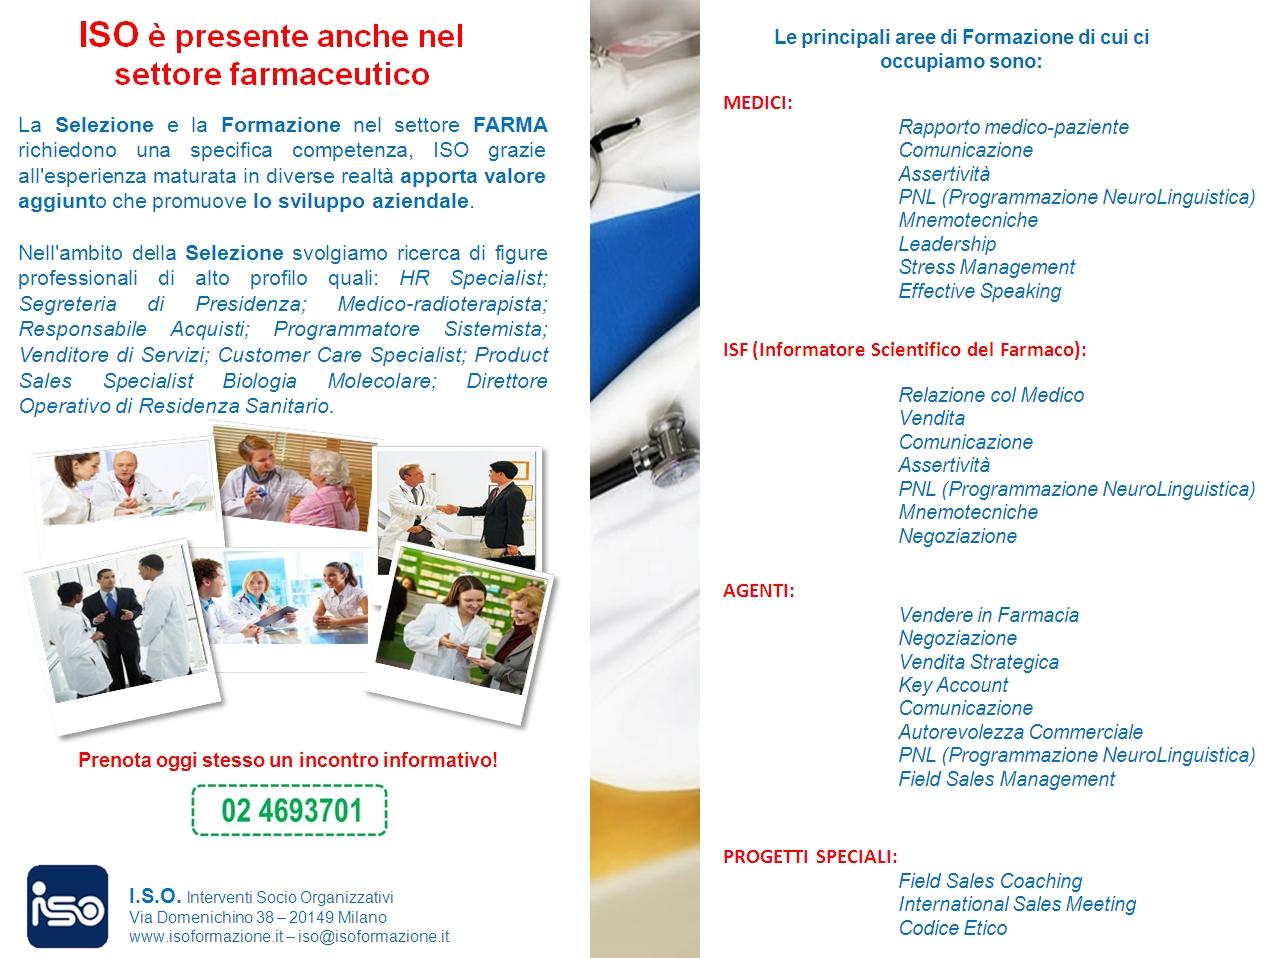 ISOFORMAZIONE è anche nel settore farmaceutico